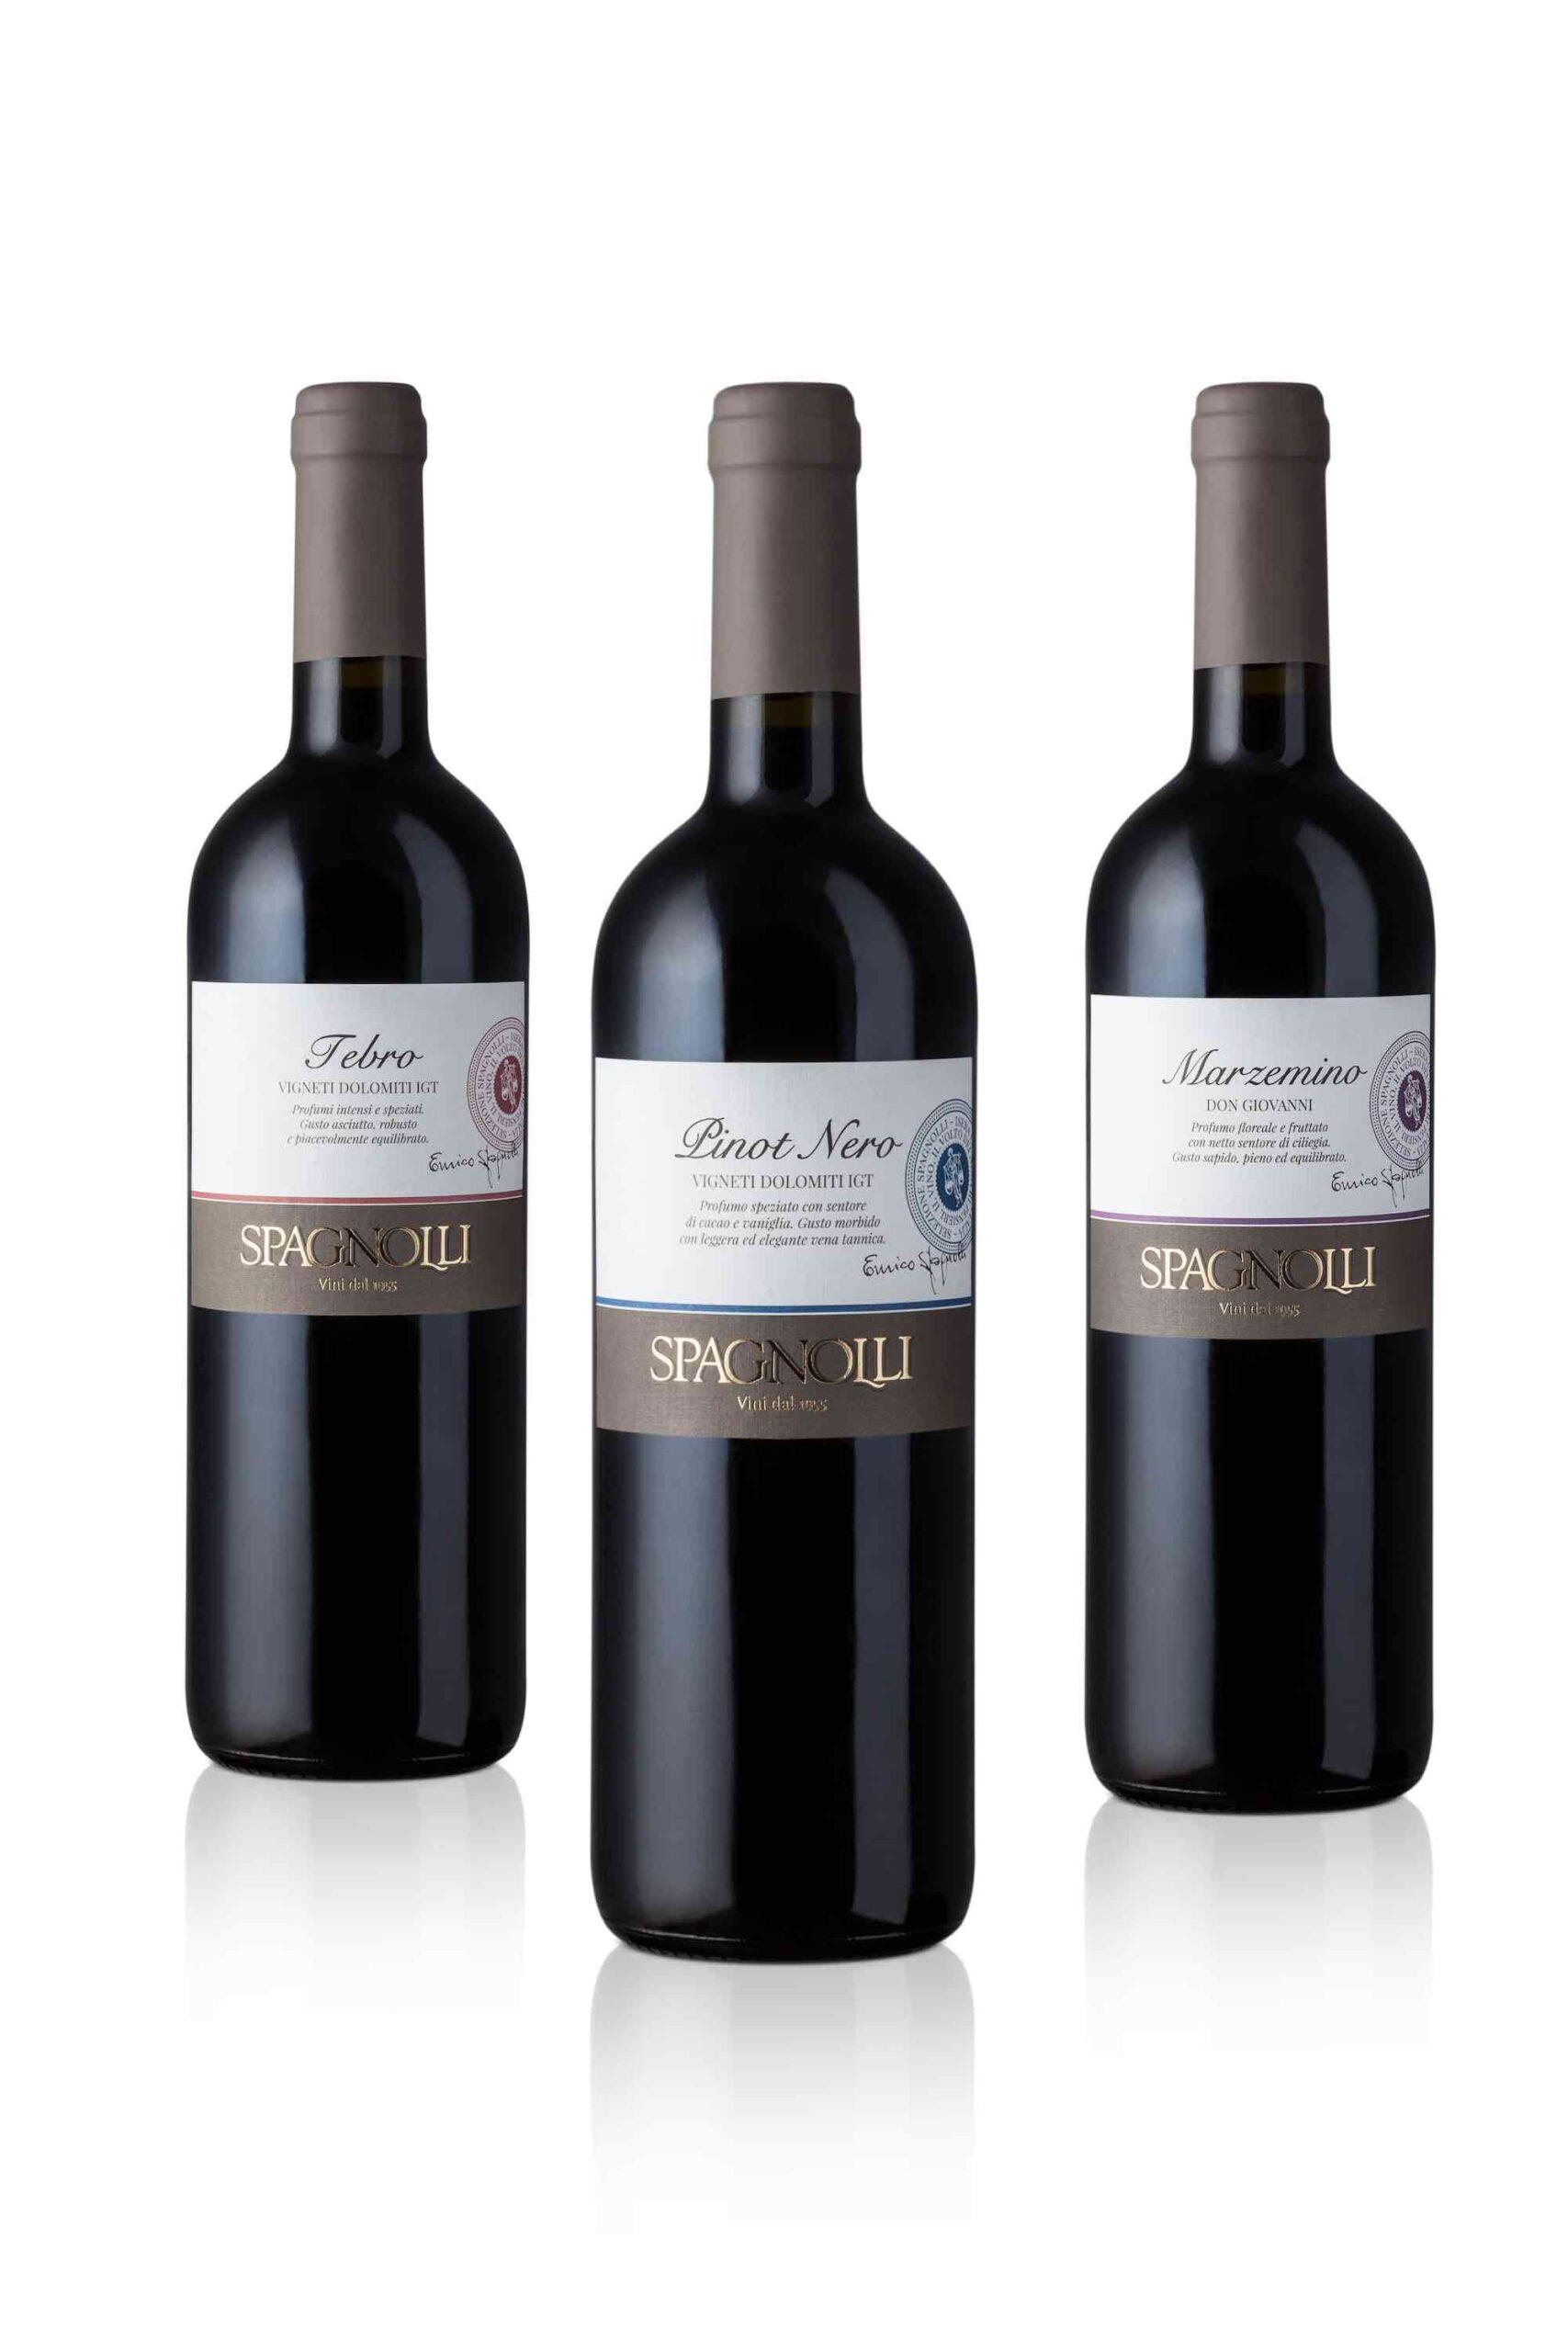 Rossi_spagnolli vini trentino